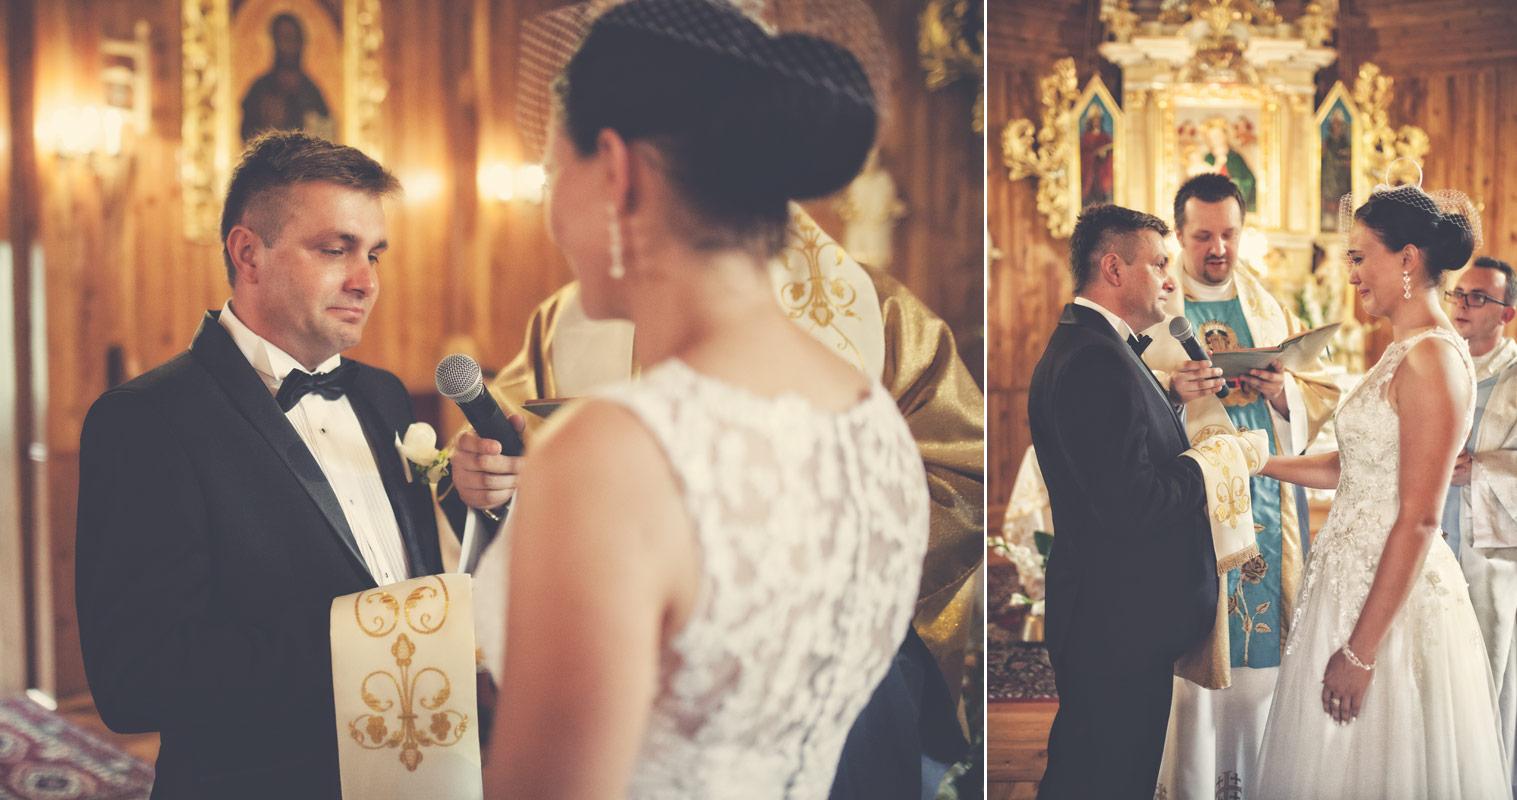 Wesele w Baranowskiej Chacie - przysięga małżeńska Pana Młodego